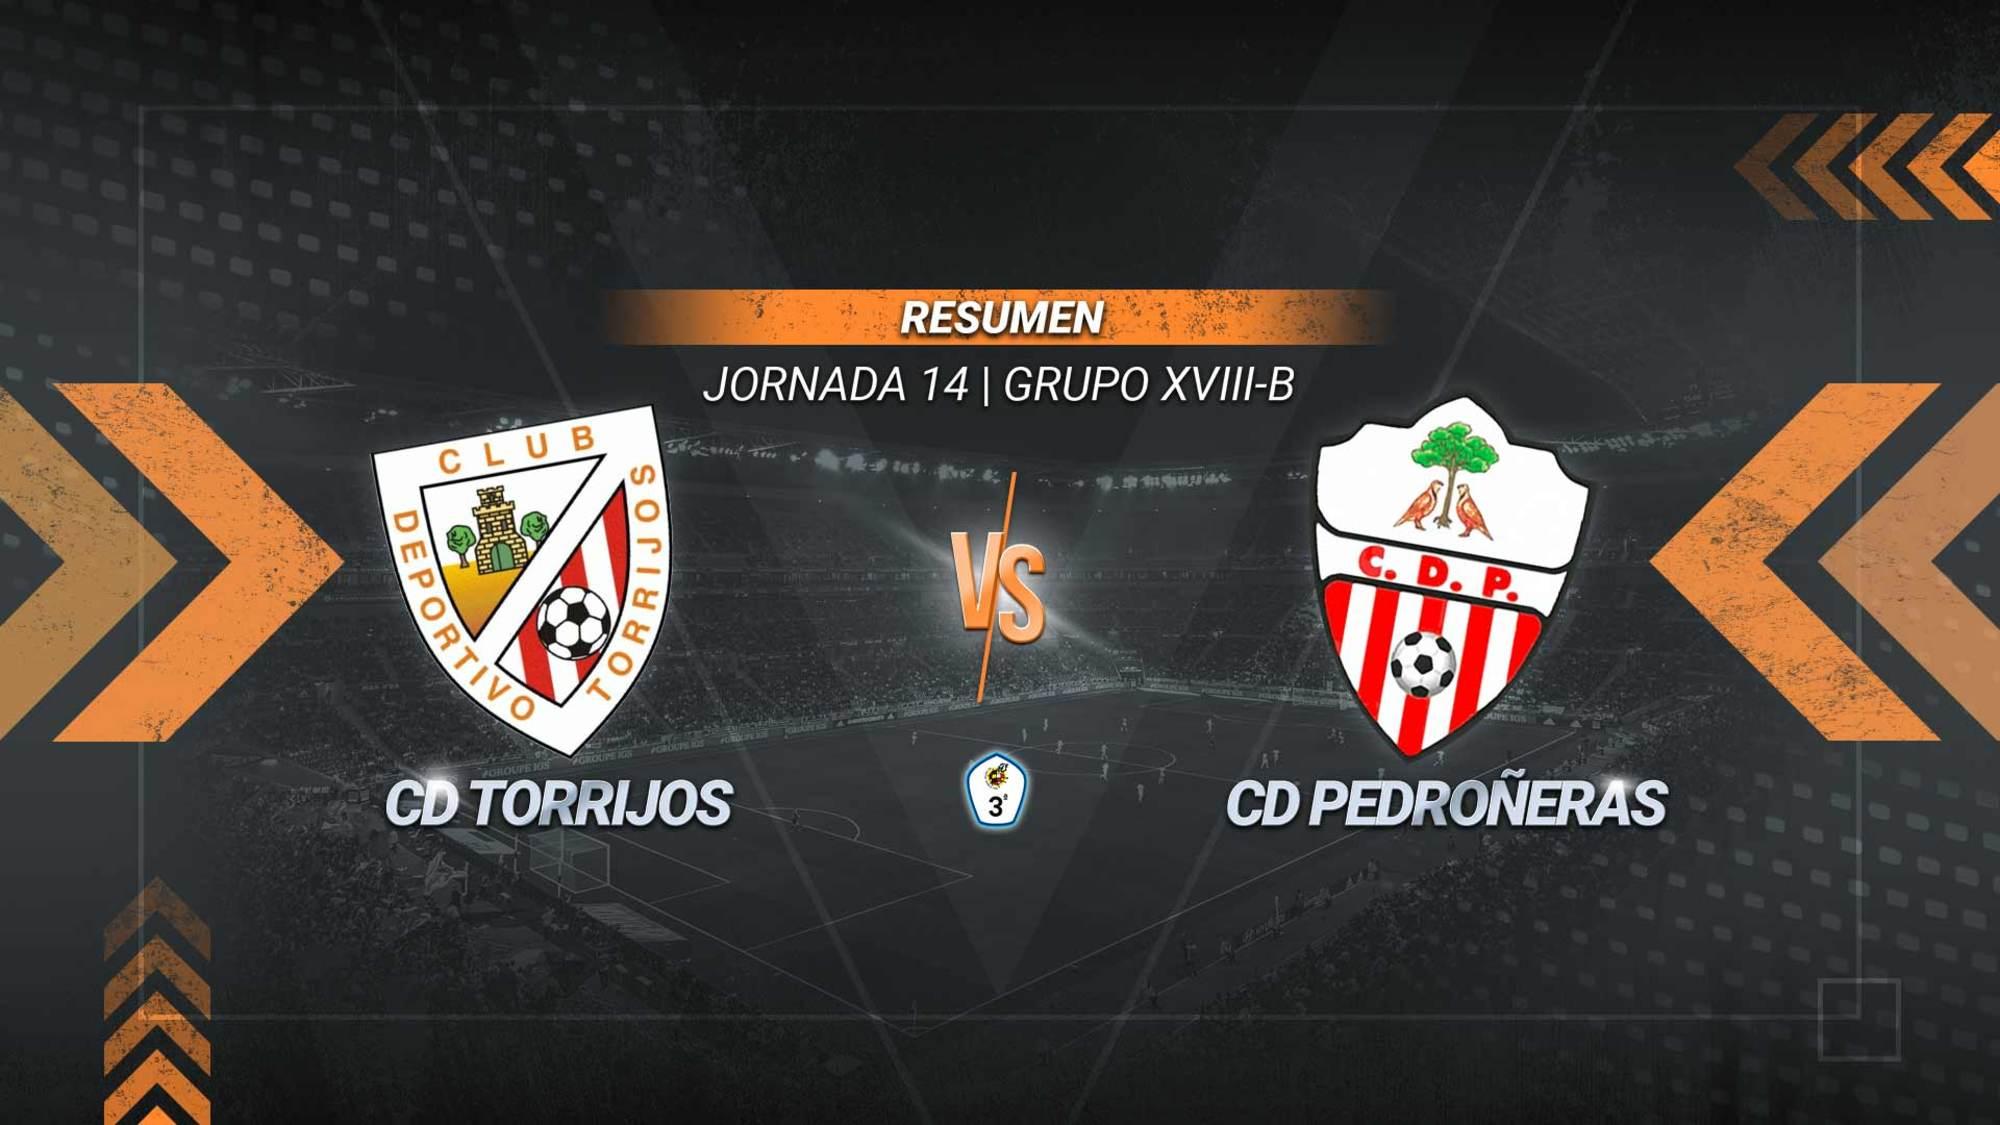 El Torrijos escala posiciones y se coloca séptimo después de imponerse al colista con goles de Mario y Angelito. El Pedroñeras sigue colista una semana más con solo cuatro puntos en su casillero.